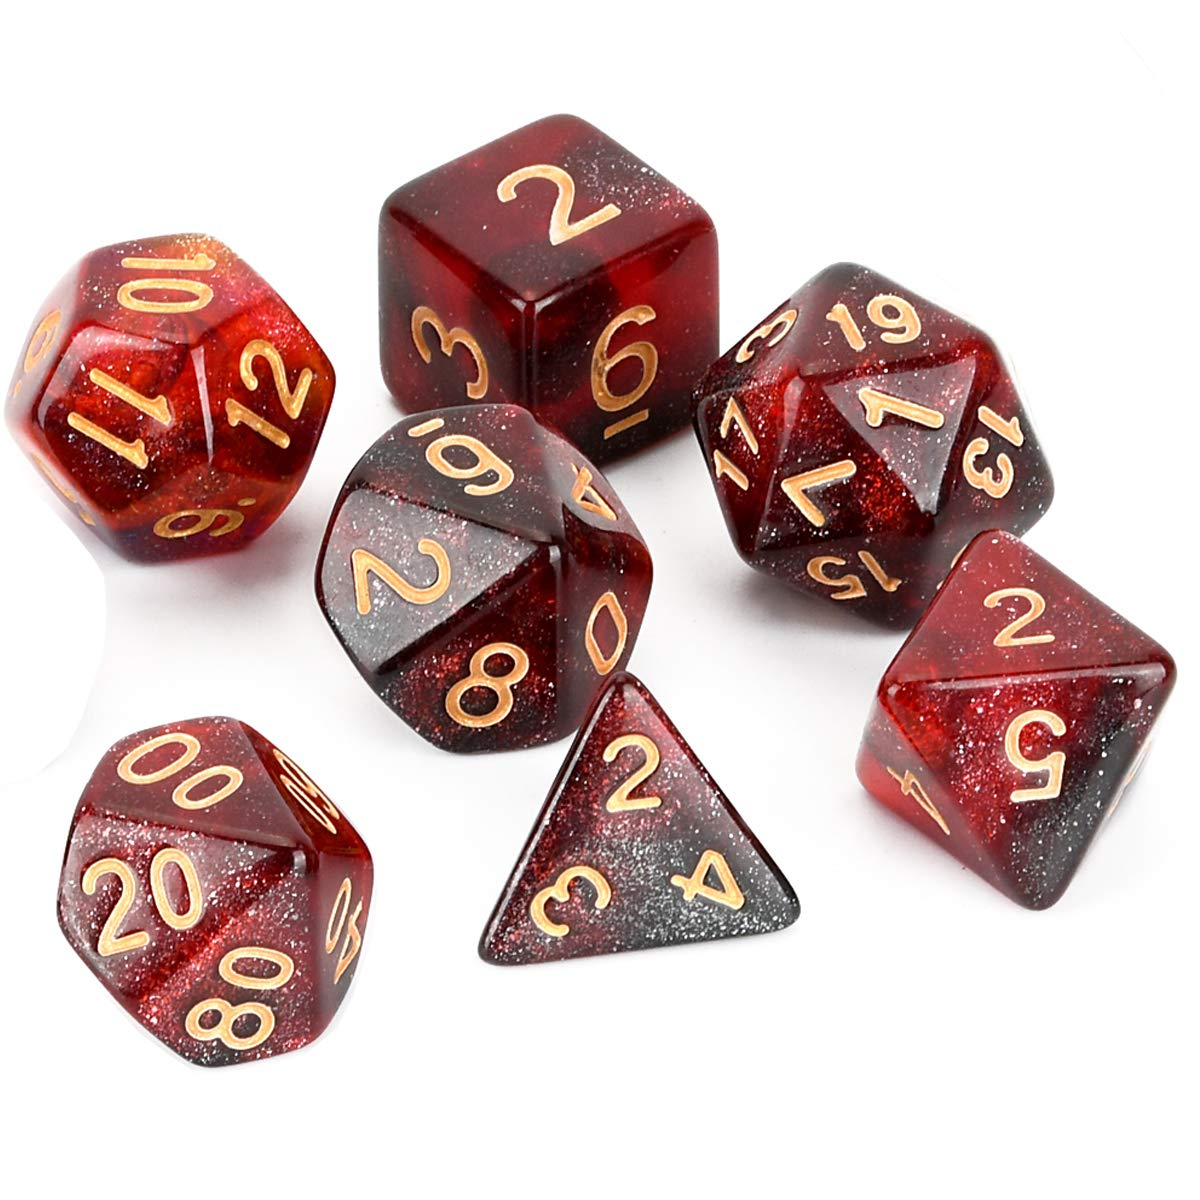 RPG Dices Set 7 Piezas FLASHOWL Juego de Dados de 3 Colores D/&D Dados de camale/ón Dados de la V/ía L/áctea Dados DND Dados Starry Sky Dice Dungeons and Dragons Dice MTG